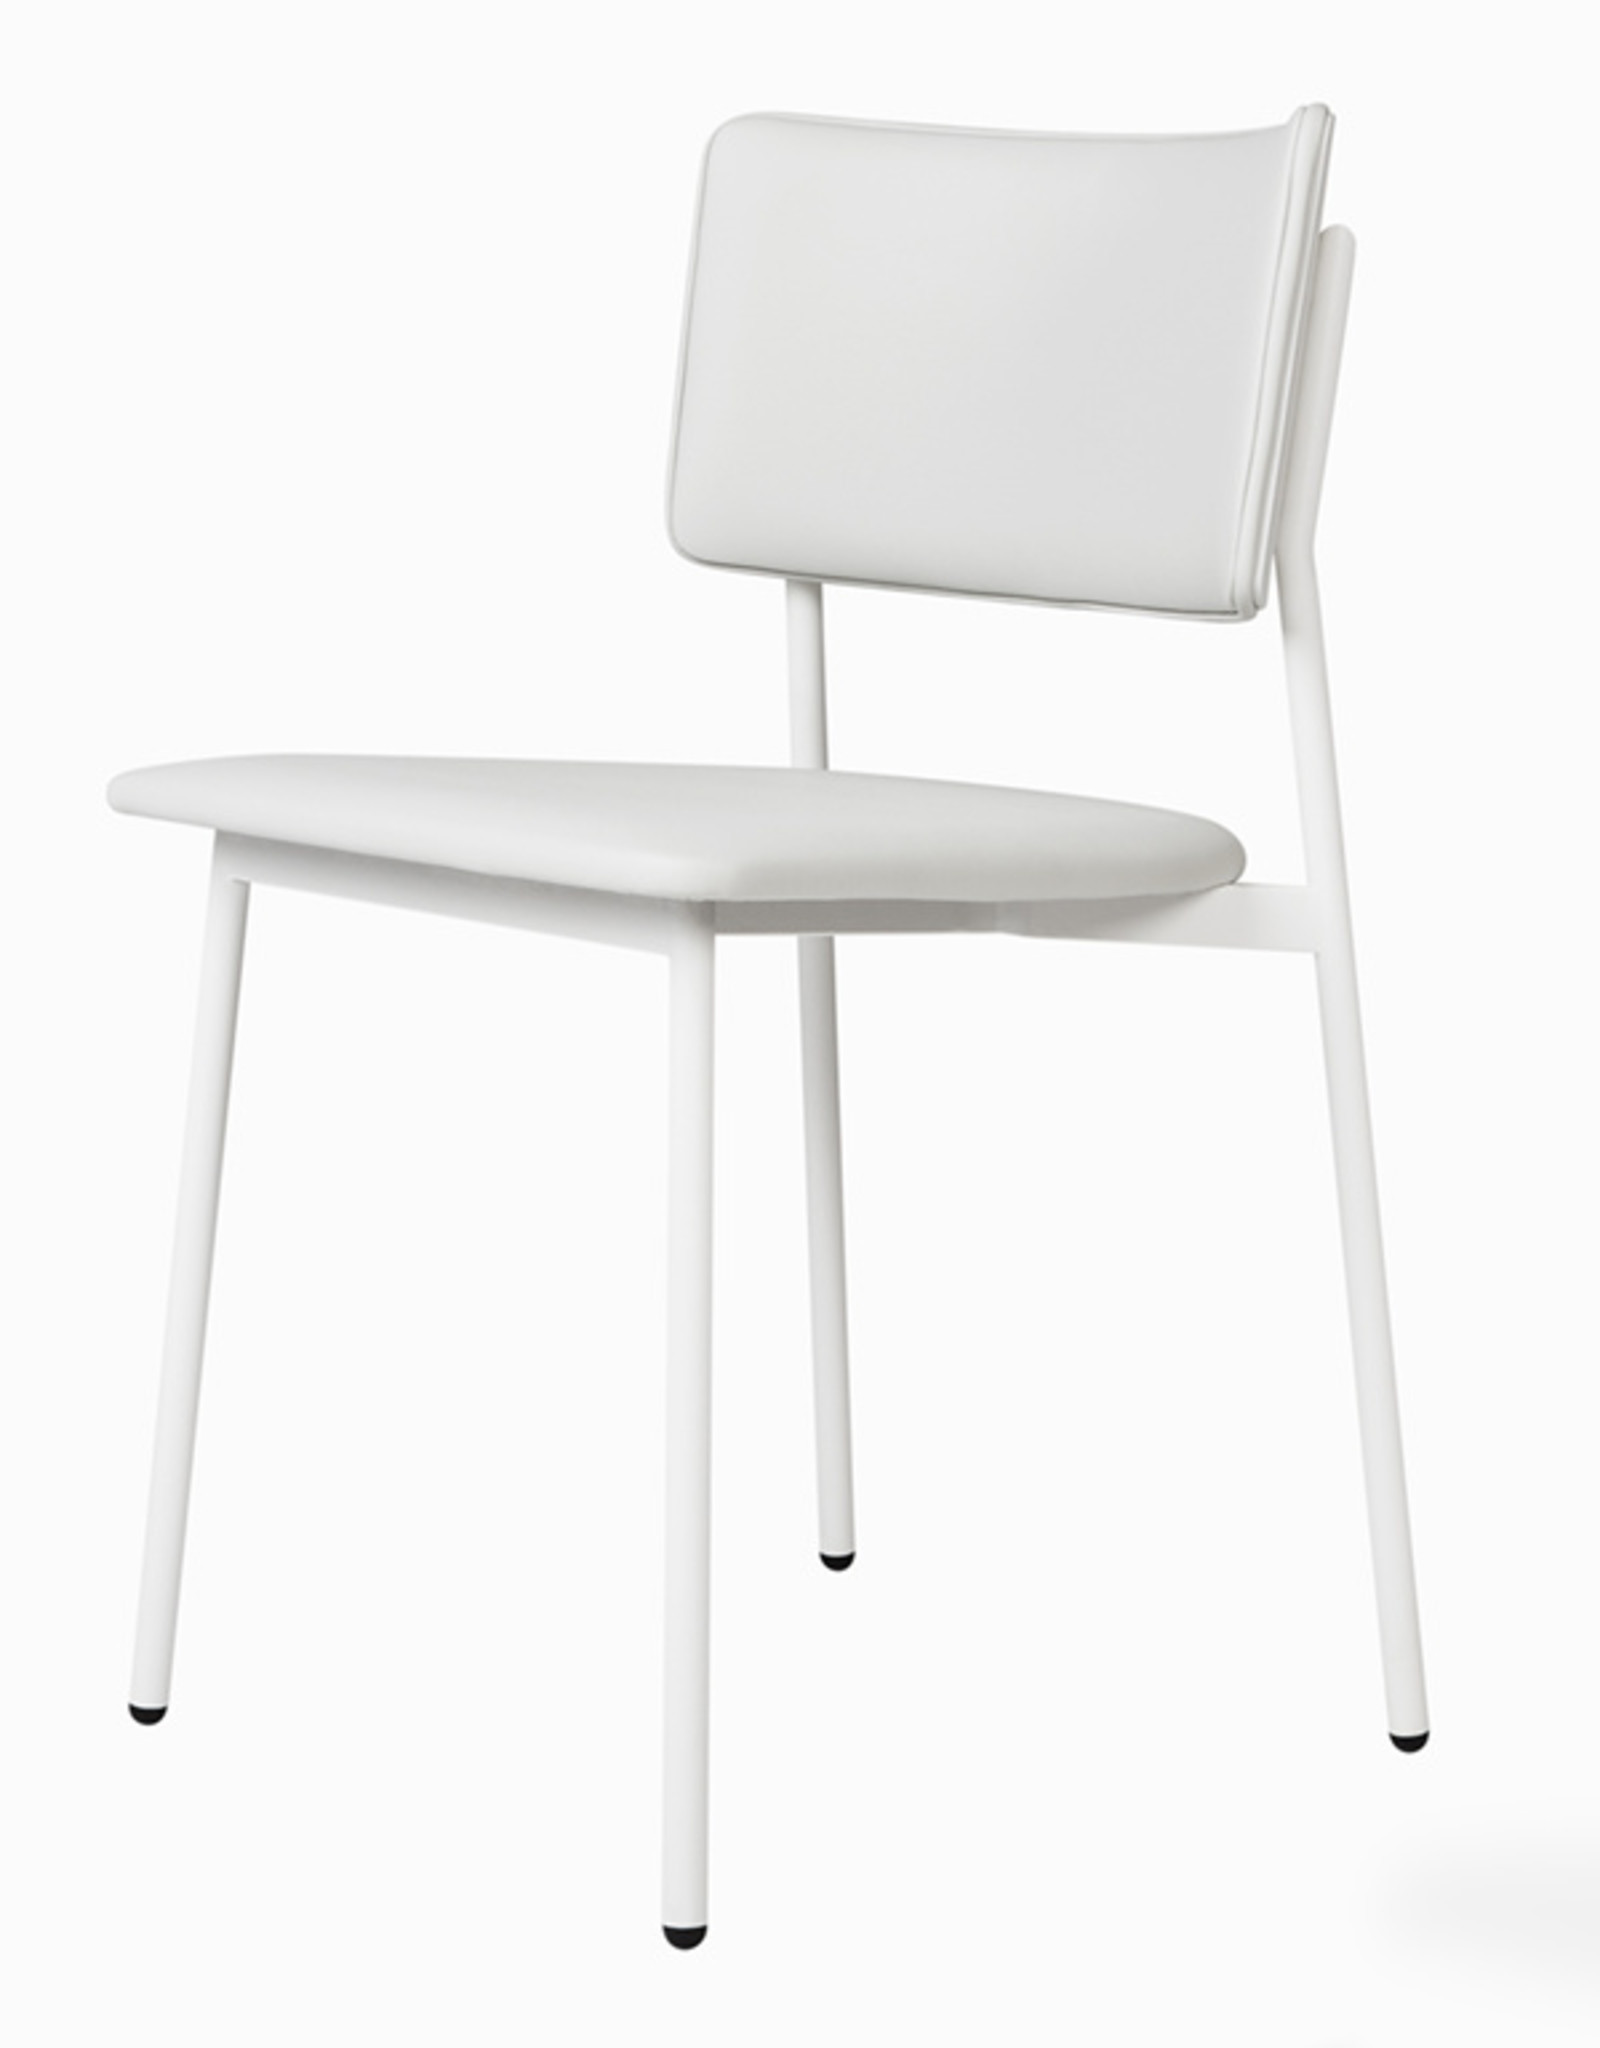 Gus* Modern Signal Chair